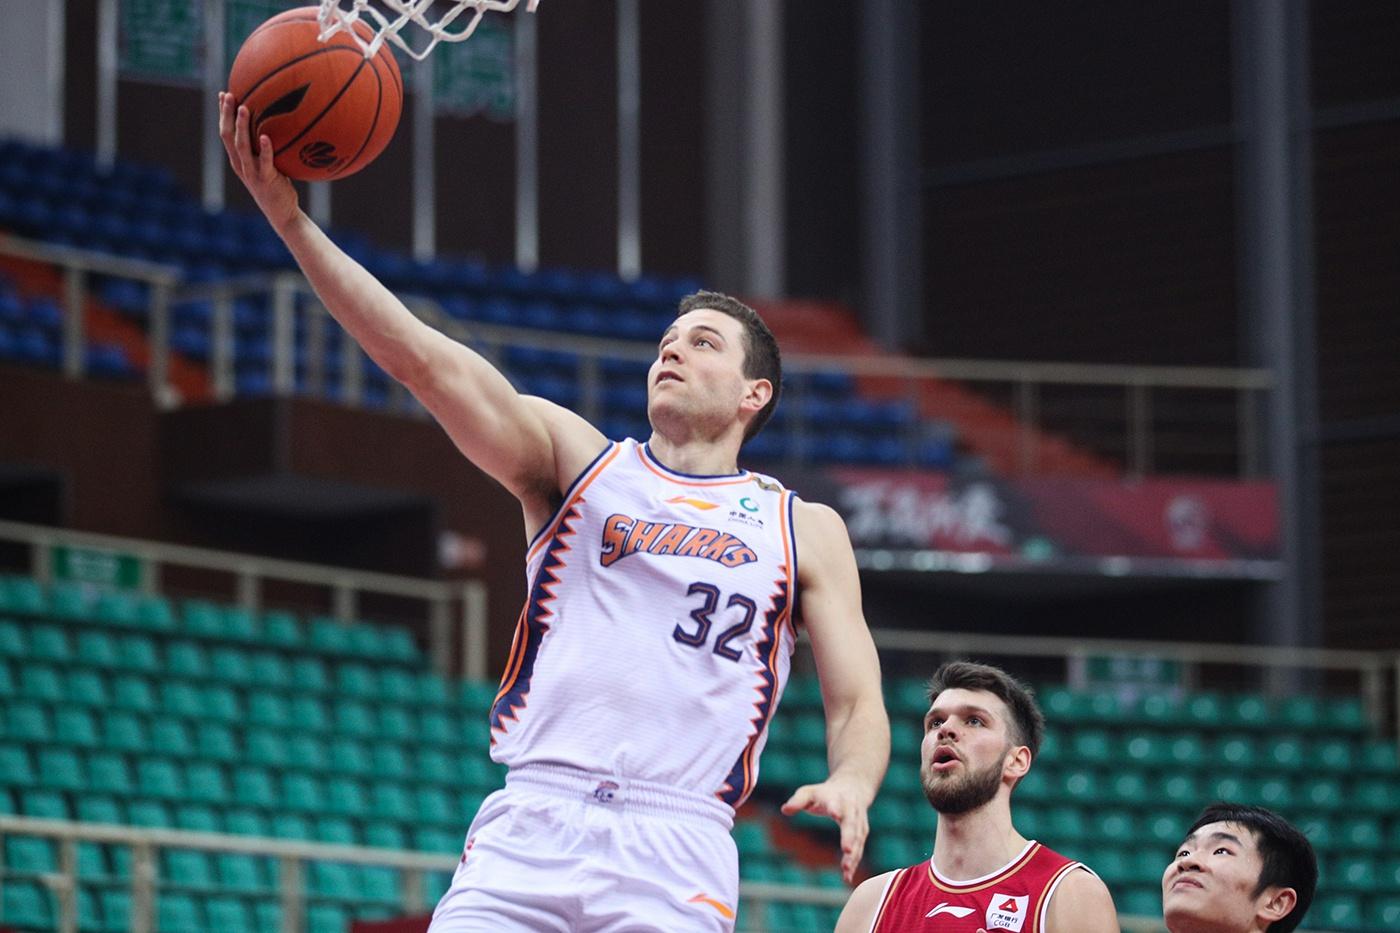 五连败结束赛季,上海男篮何时才能卷土重来?